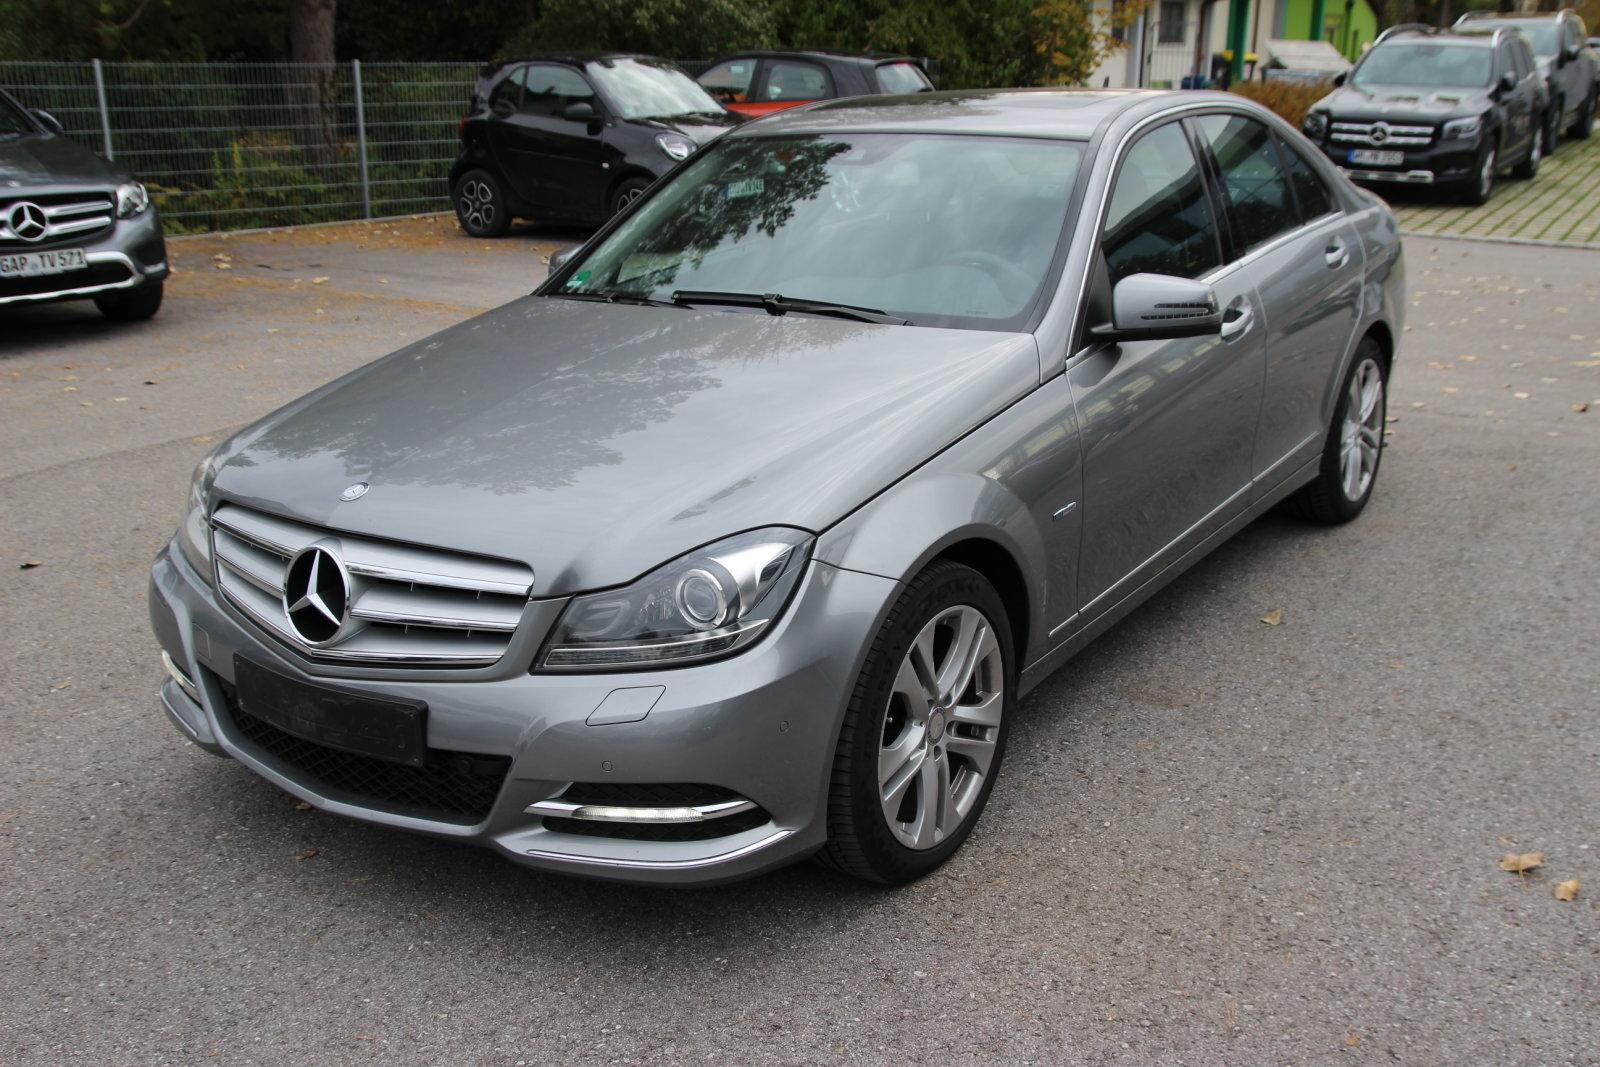 Mercedes-Benz C 250 CDI Lim Avantgarde/Xenon/Navi/SHD/SHZ R-CD, Jahr 2013, Diesel